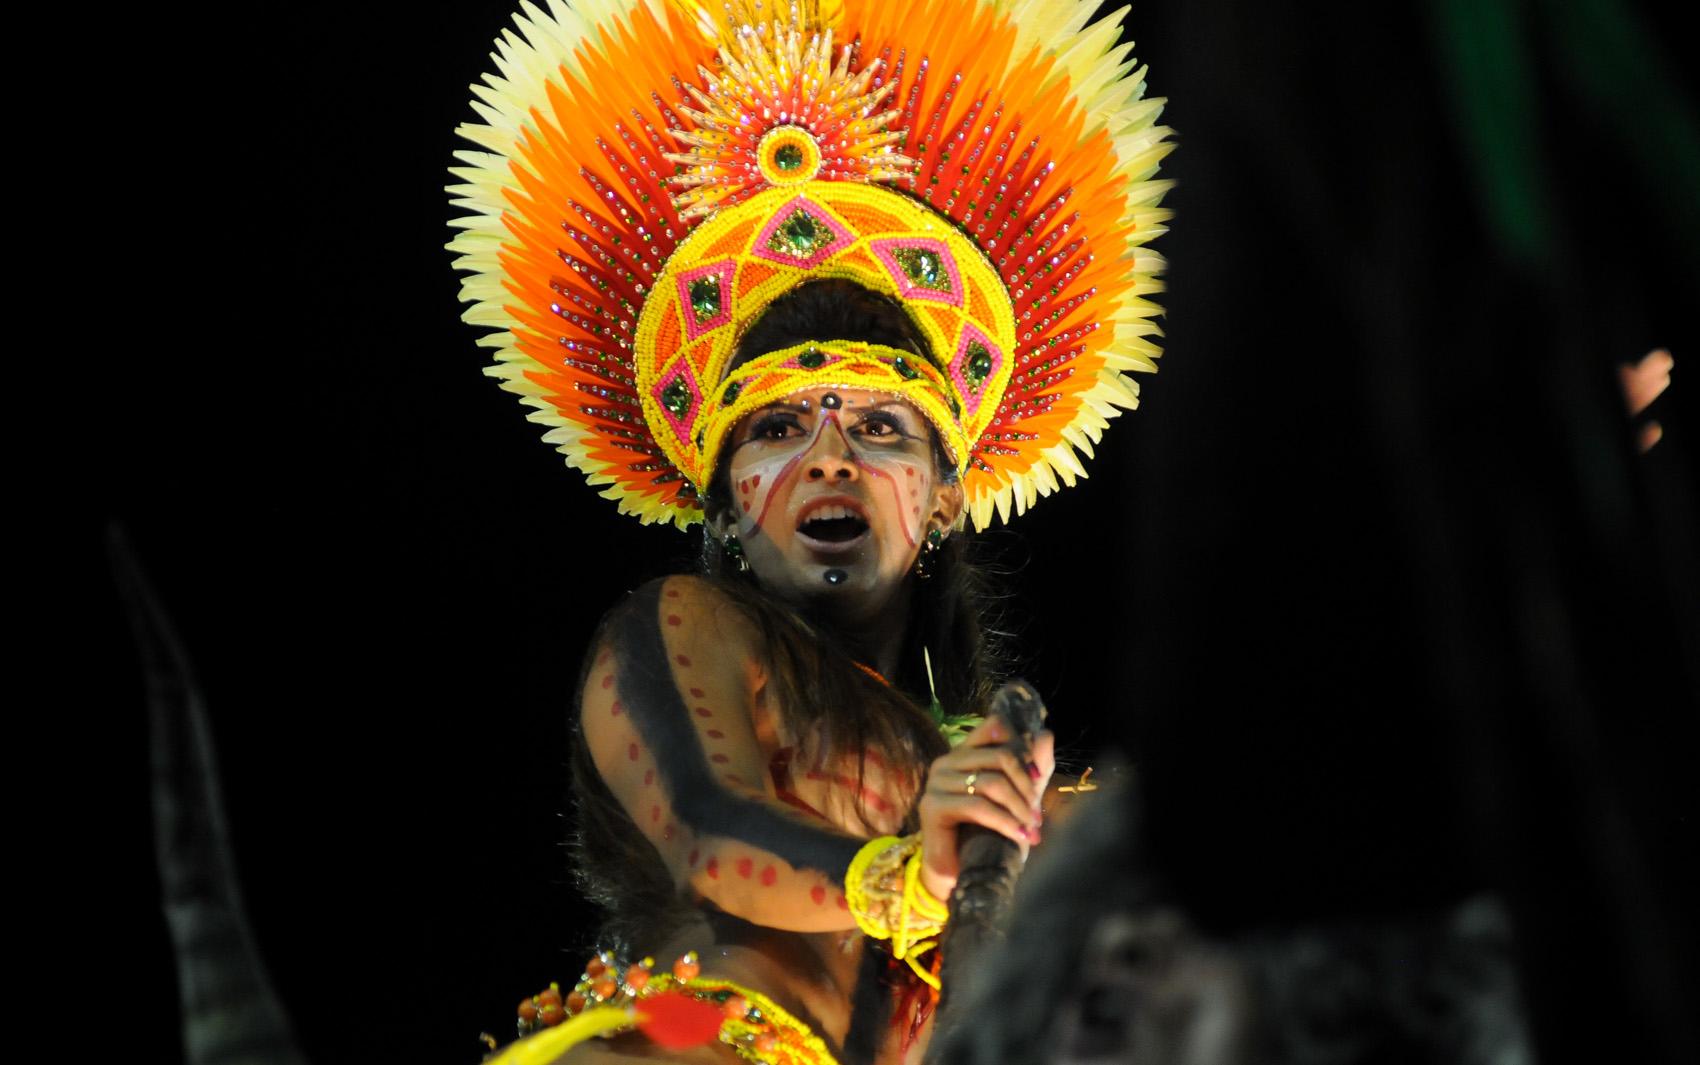 12/2/2013 - Destaque da  Imperatriz Leopoldinense, que levou a história e a cultura do Pará para a Avenida